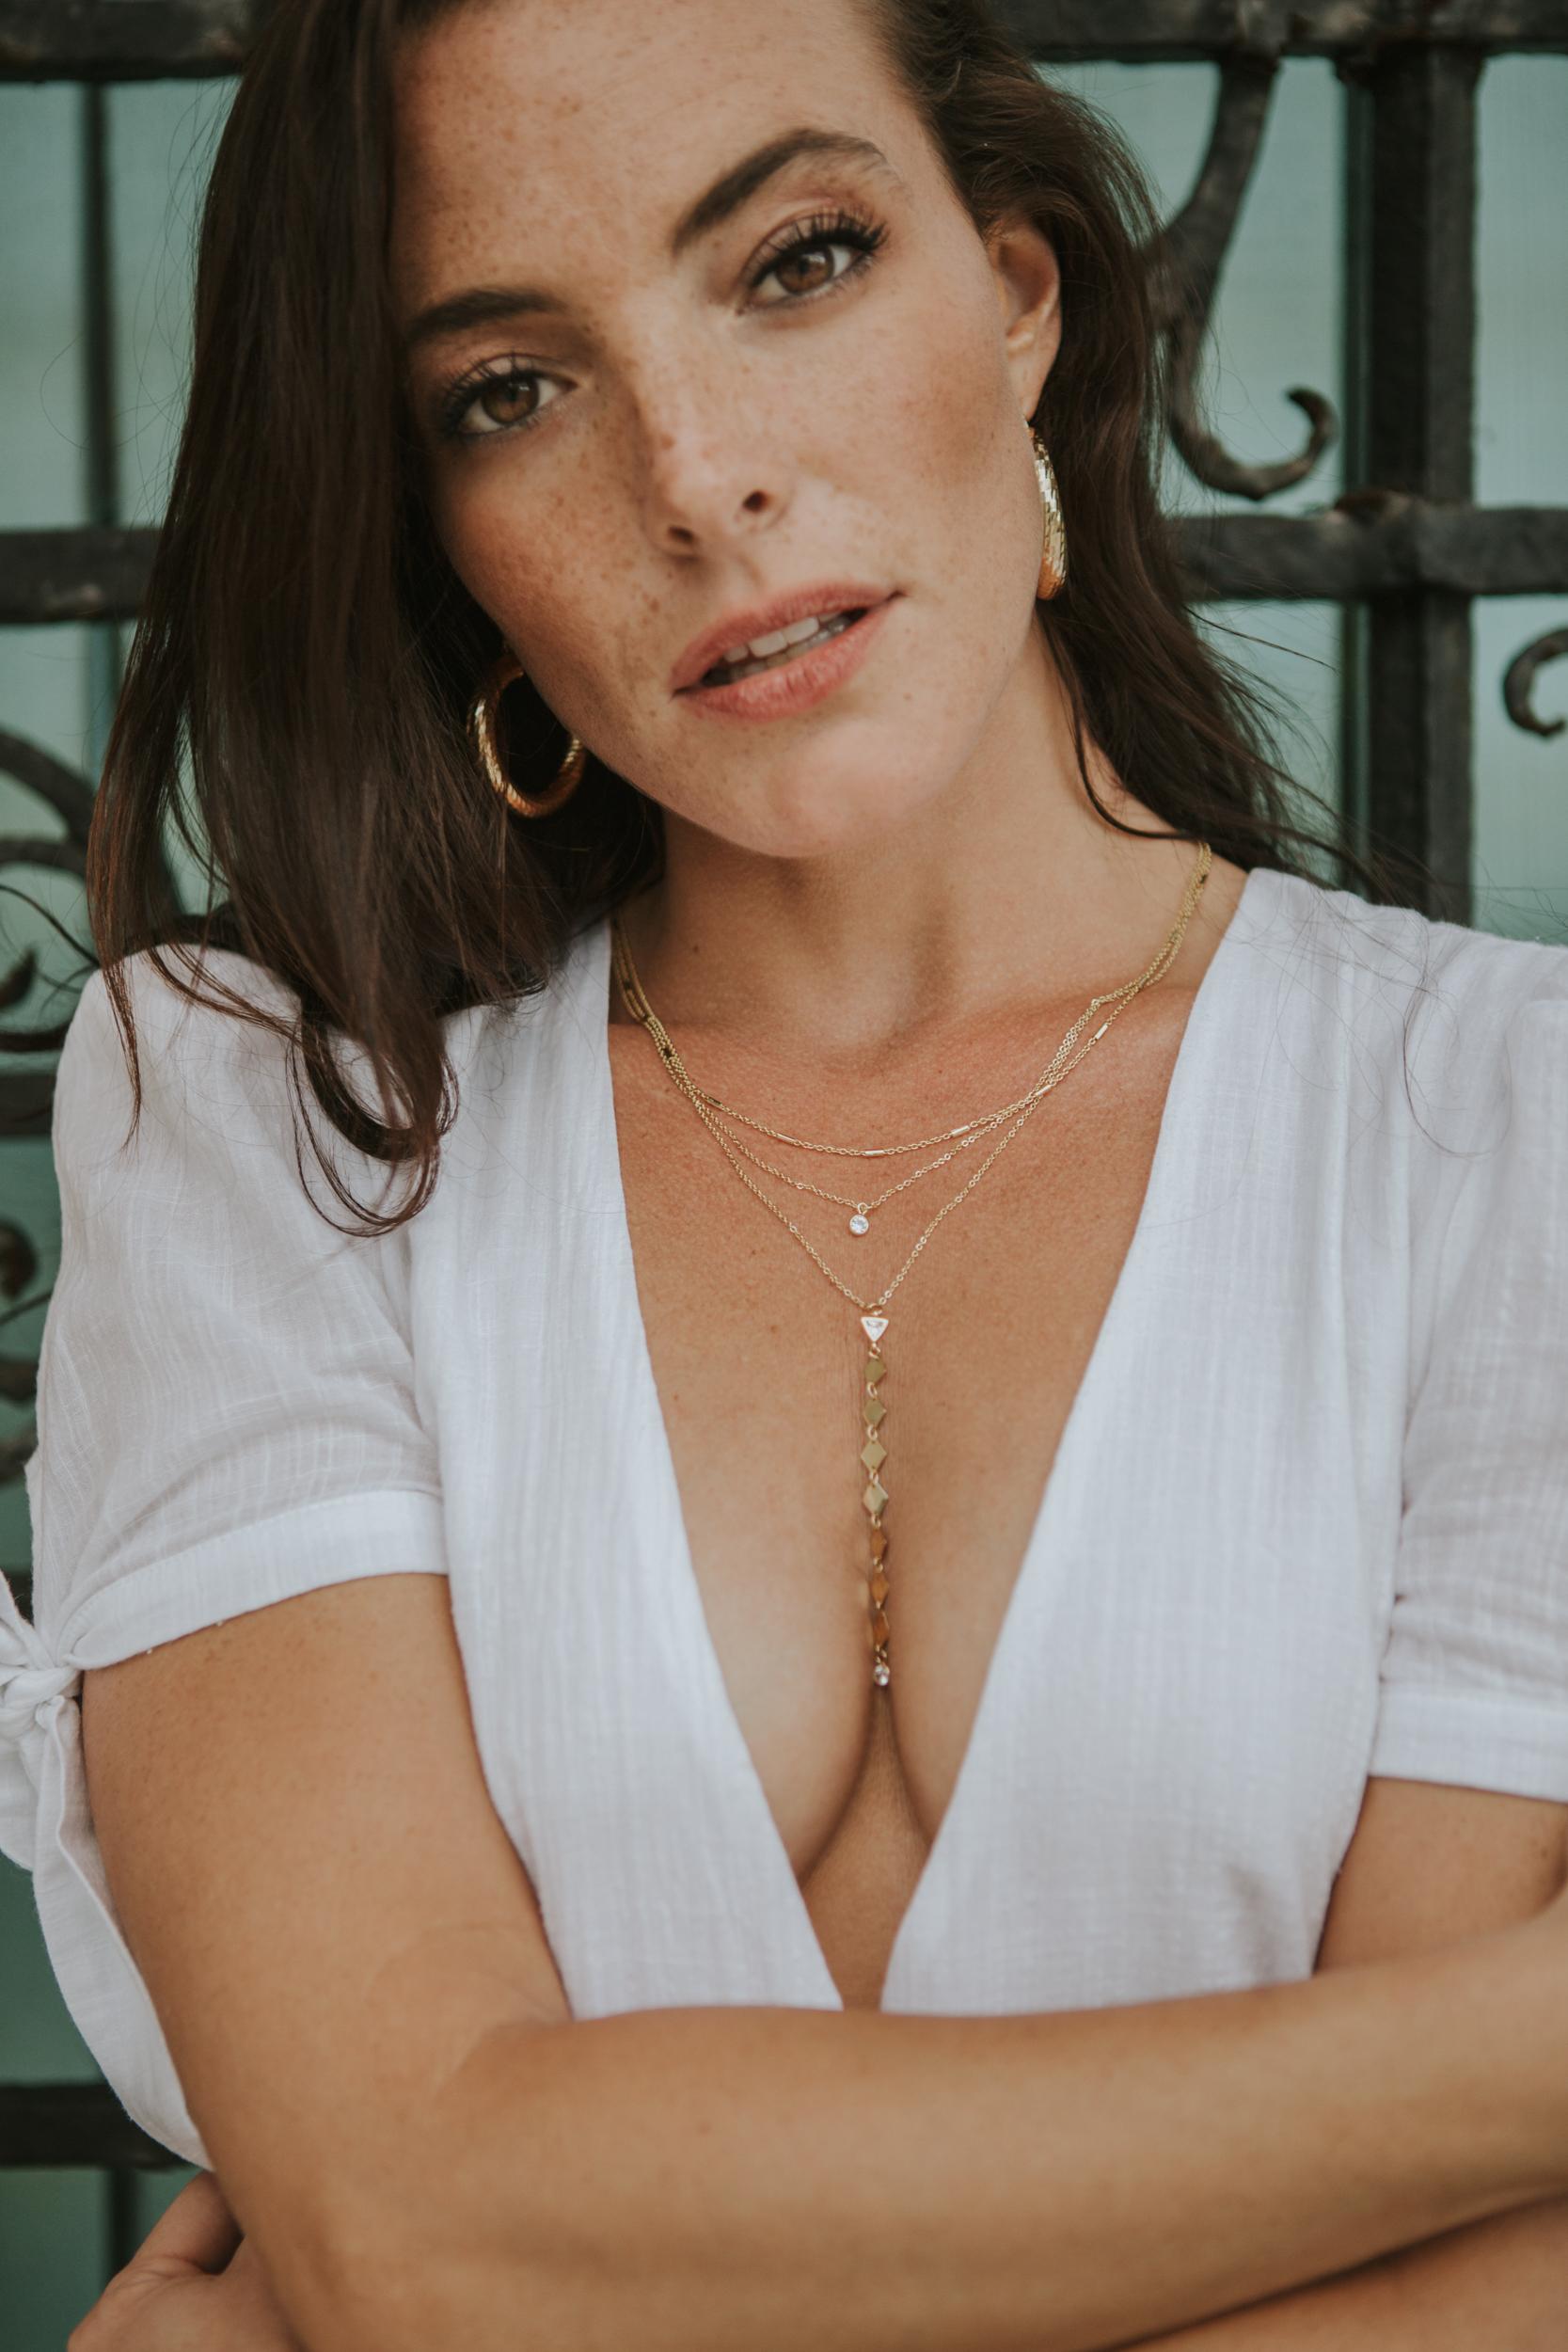 Morgan Elizabeth